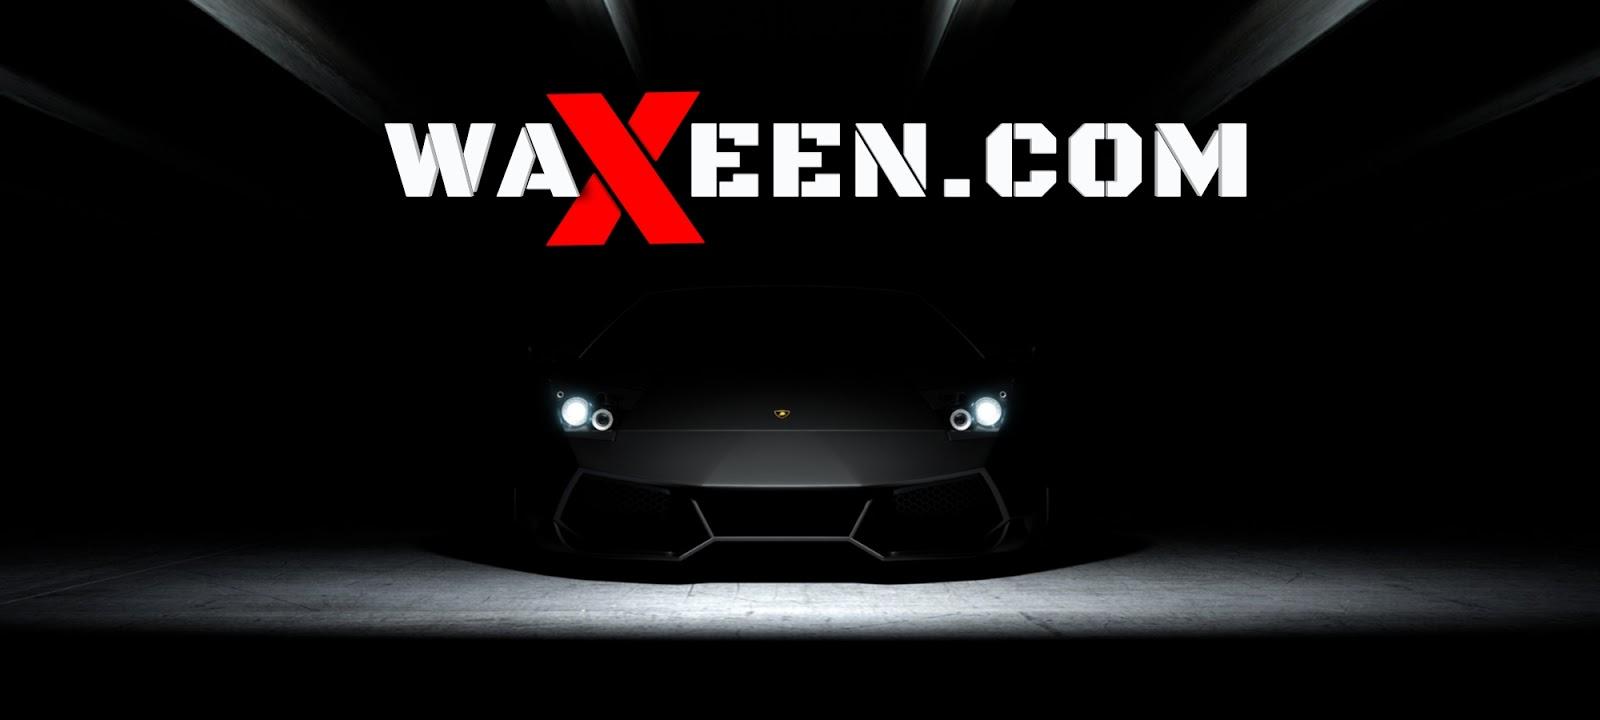 waXeen.com